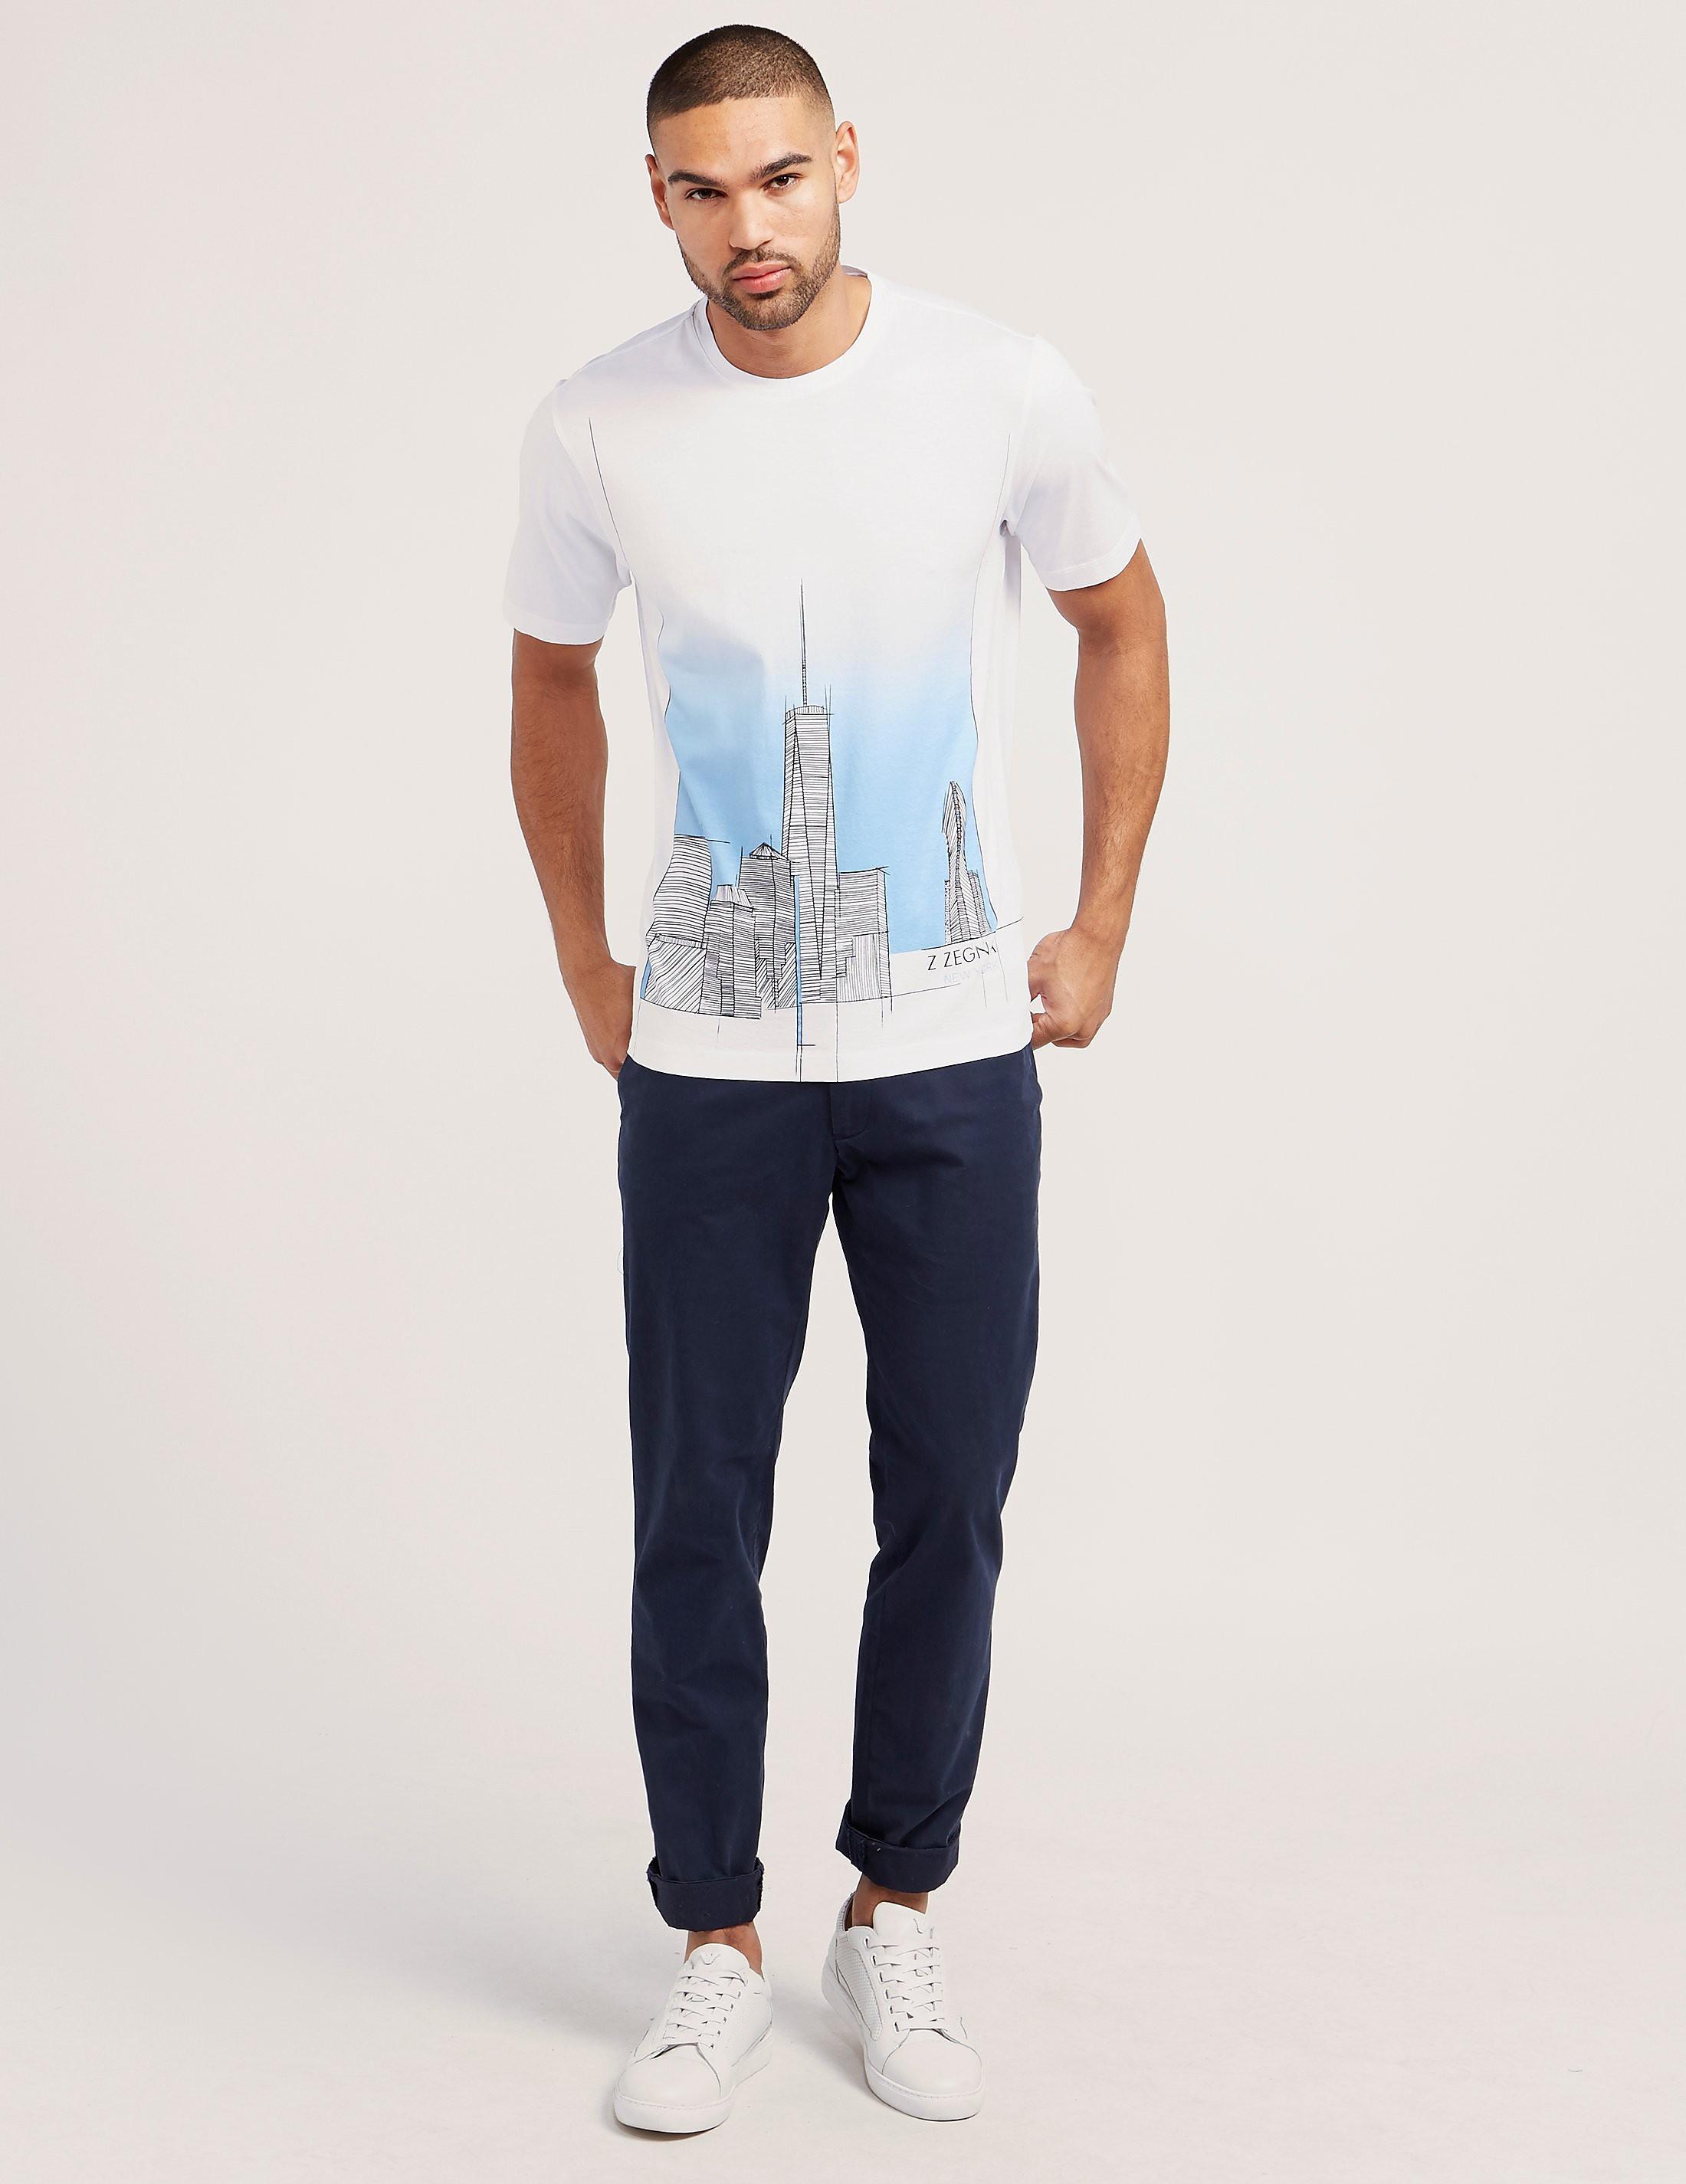 Z Zegna SS City T-Shirt